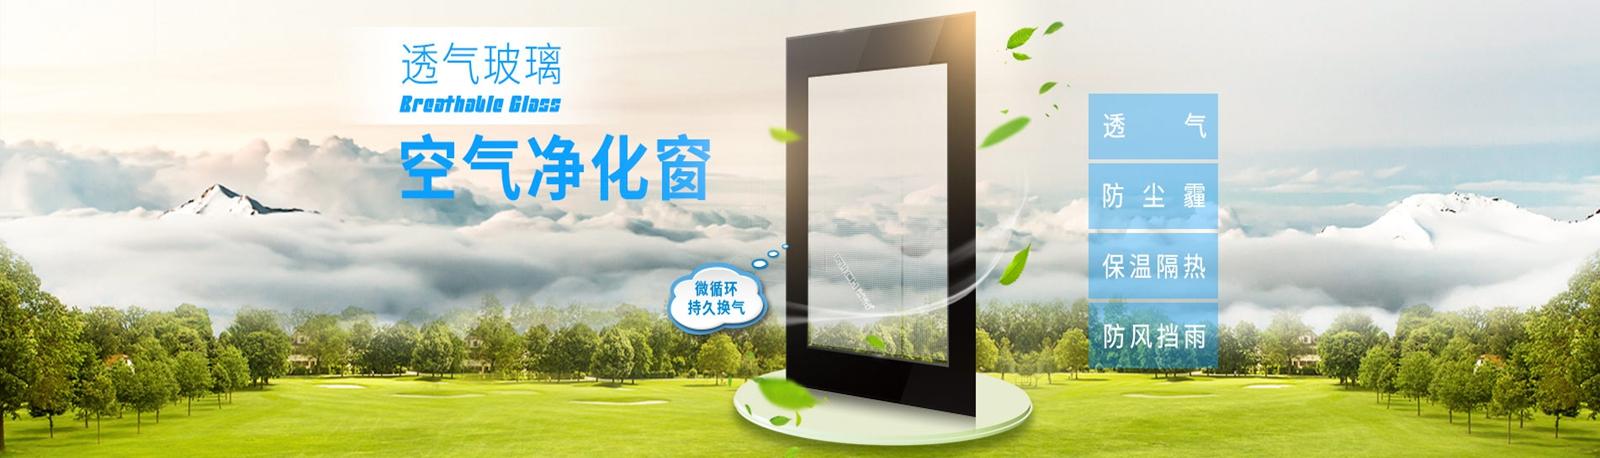 上海透气玻璃_306彩票